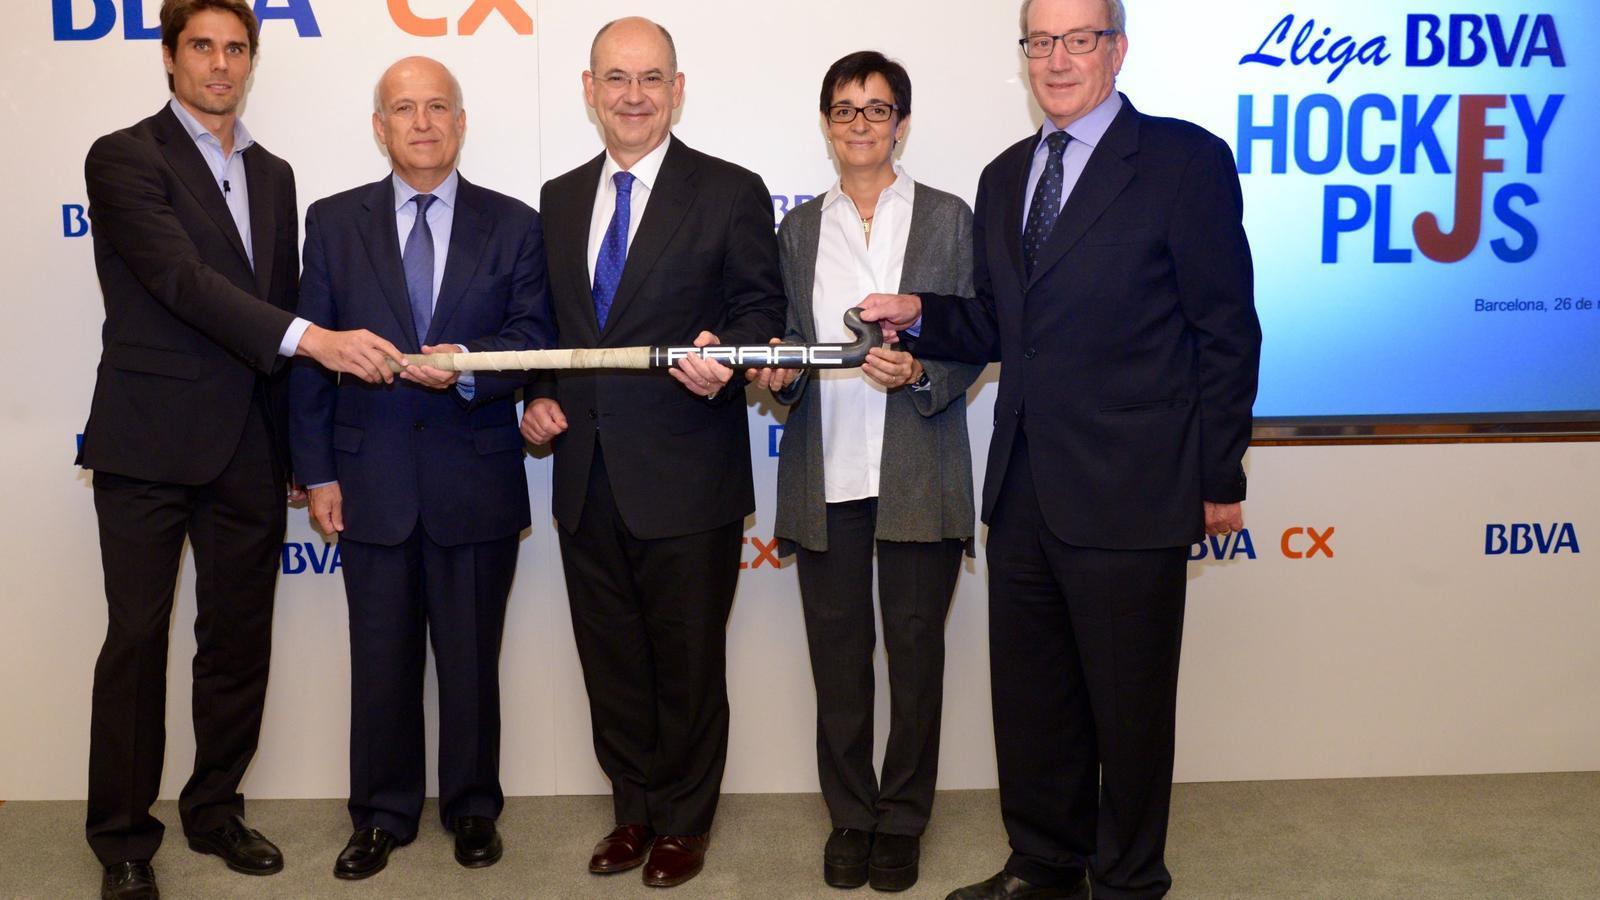 Pol Amat, a l'esquerra, ha estat una de les cares conegudes en la presentació de la BBVA Hockey Plus